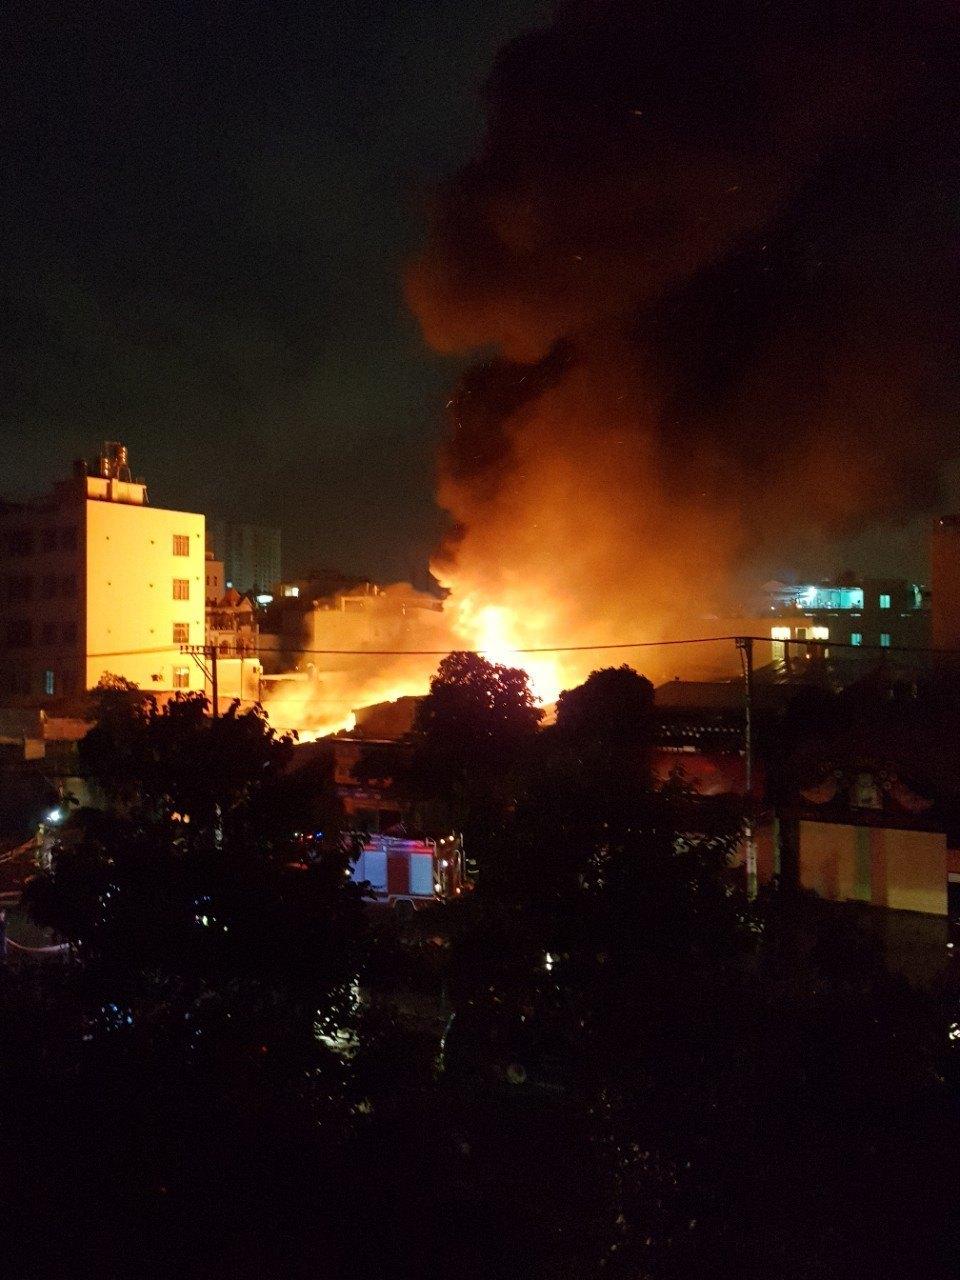 Kho vải ở Sài Gòn chìm trong 'biển lửa' lúc rạng sáng